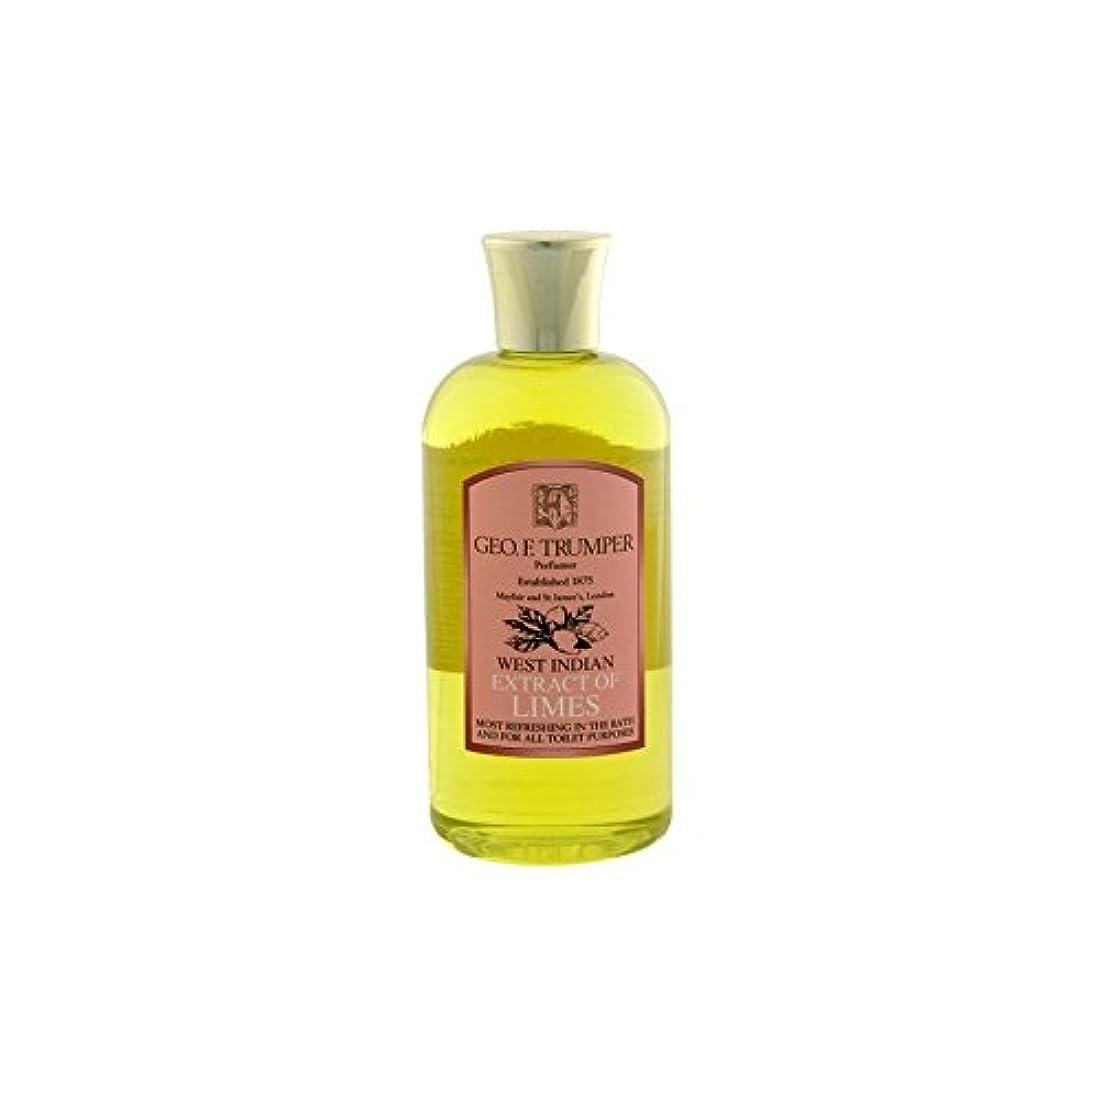 ダイヤモンド靴下高くTrumpers Limes Bath & Shower Gel - 500ml Travel - ライムのバス&シャワージェル - 500ミリリットル旅 [並行輸入品]